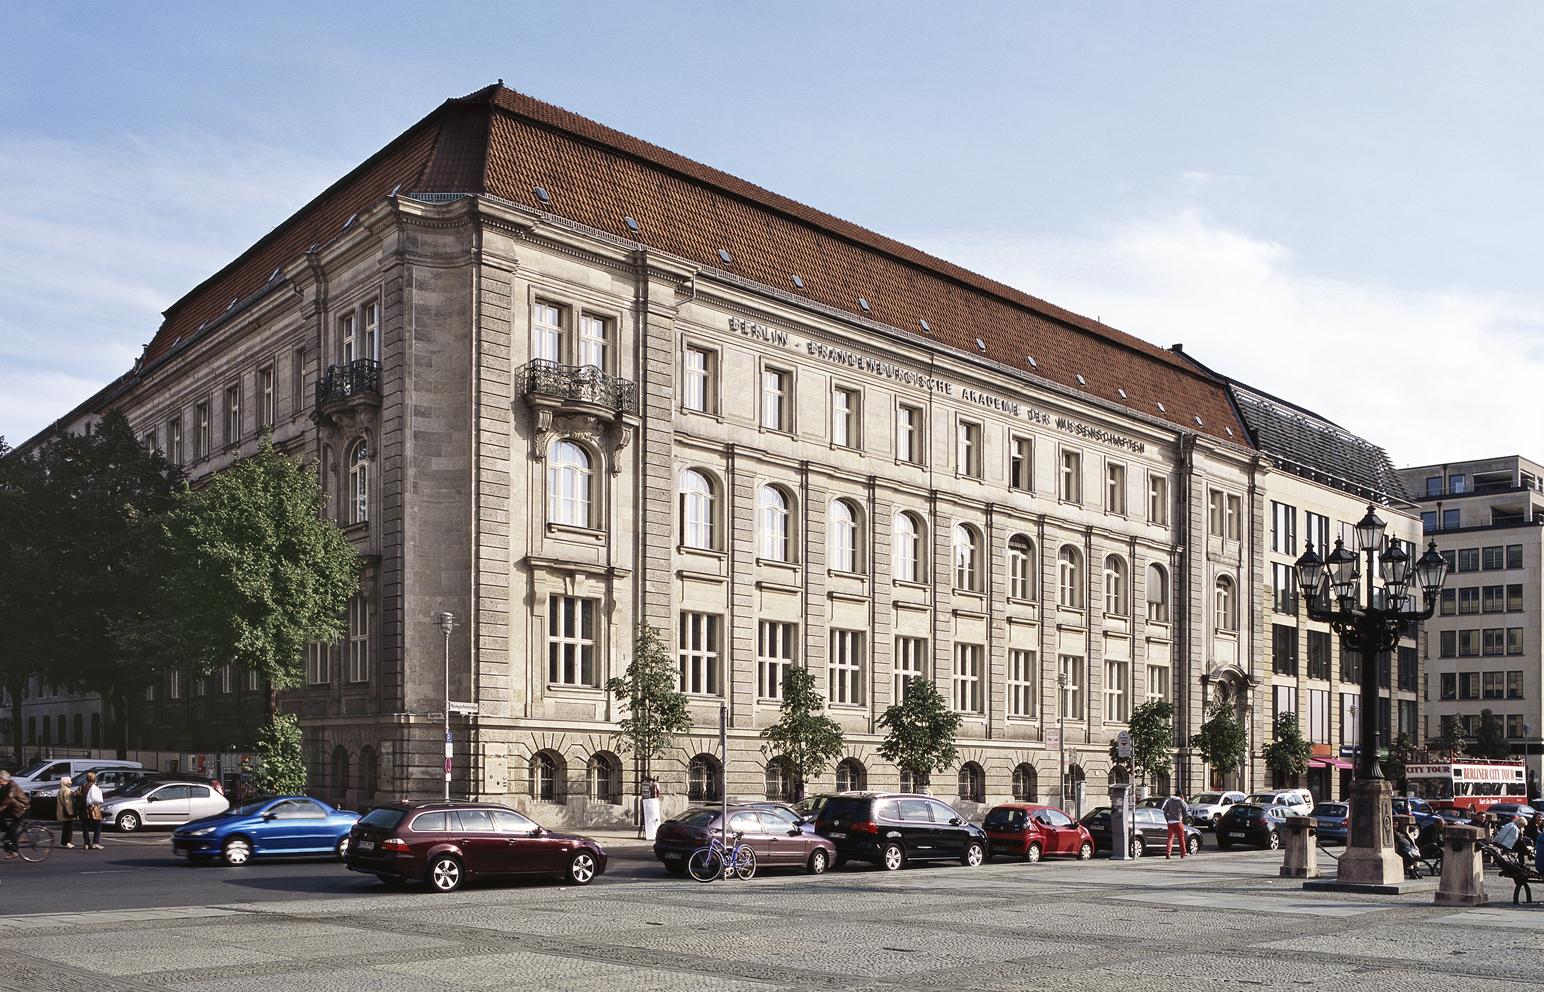 Ansicht der Außenfassade des gebäudes der Einstein Stiftung Berlin